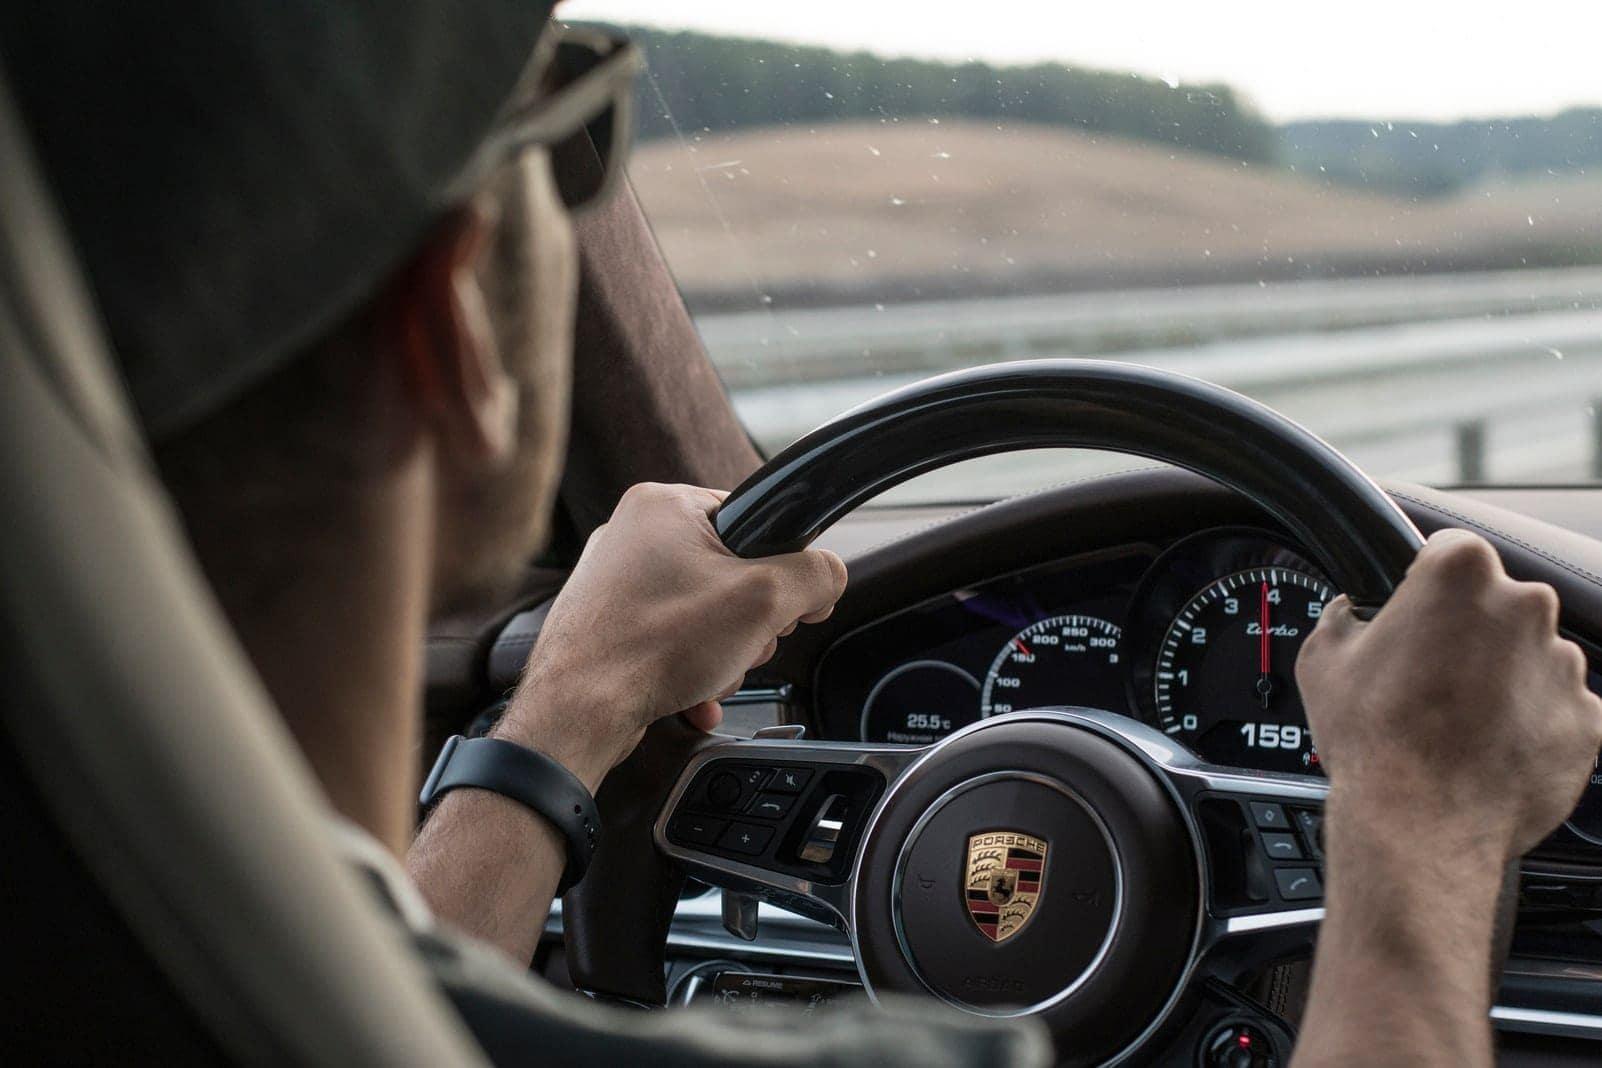 Porsche-Fahrer beleidigt am Telefon seinen Vordermann, jetzt ermittelt die Polizei